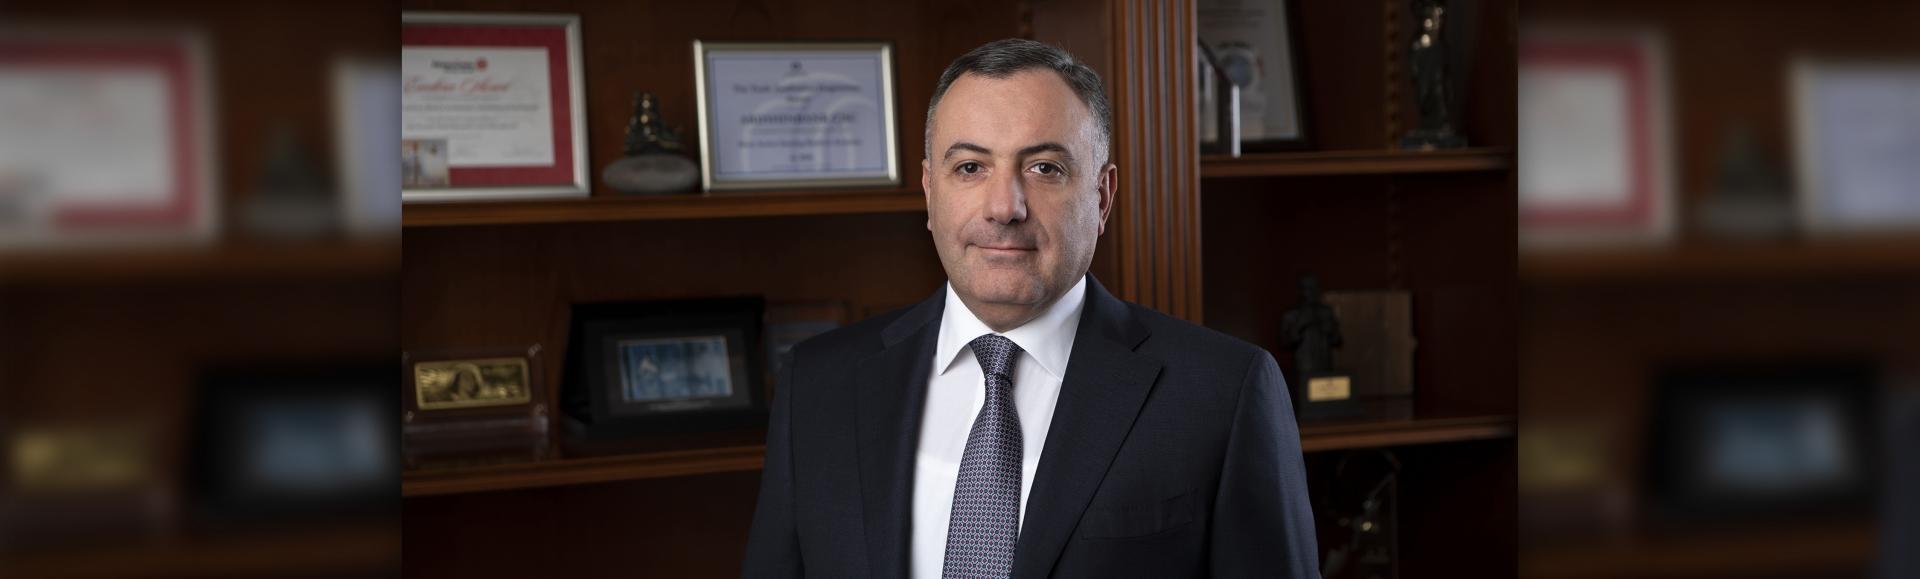 Հայաստանի բանկերի միության խորհրդի նախագահ է ընտրվել Արտակ Անանյանը